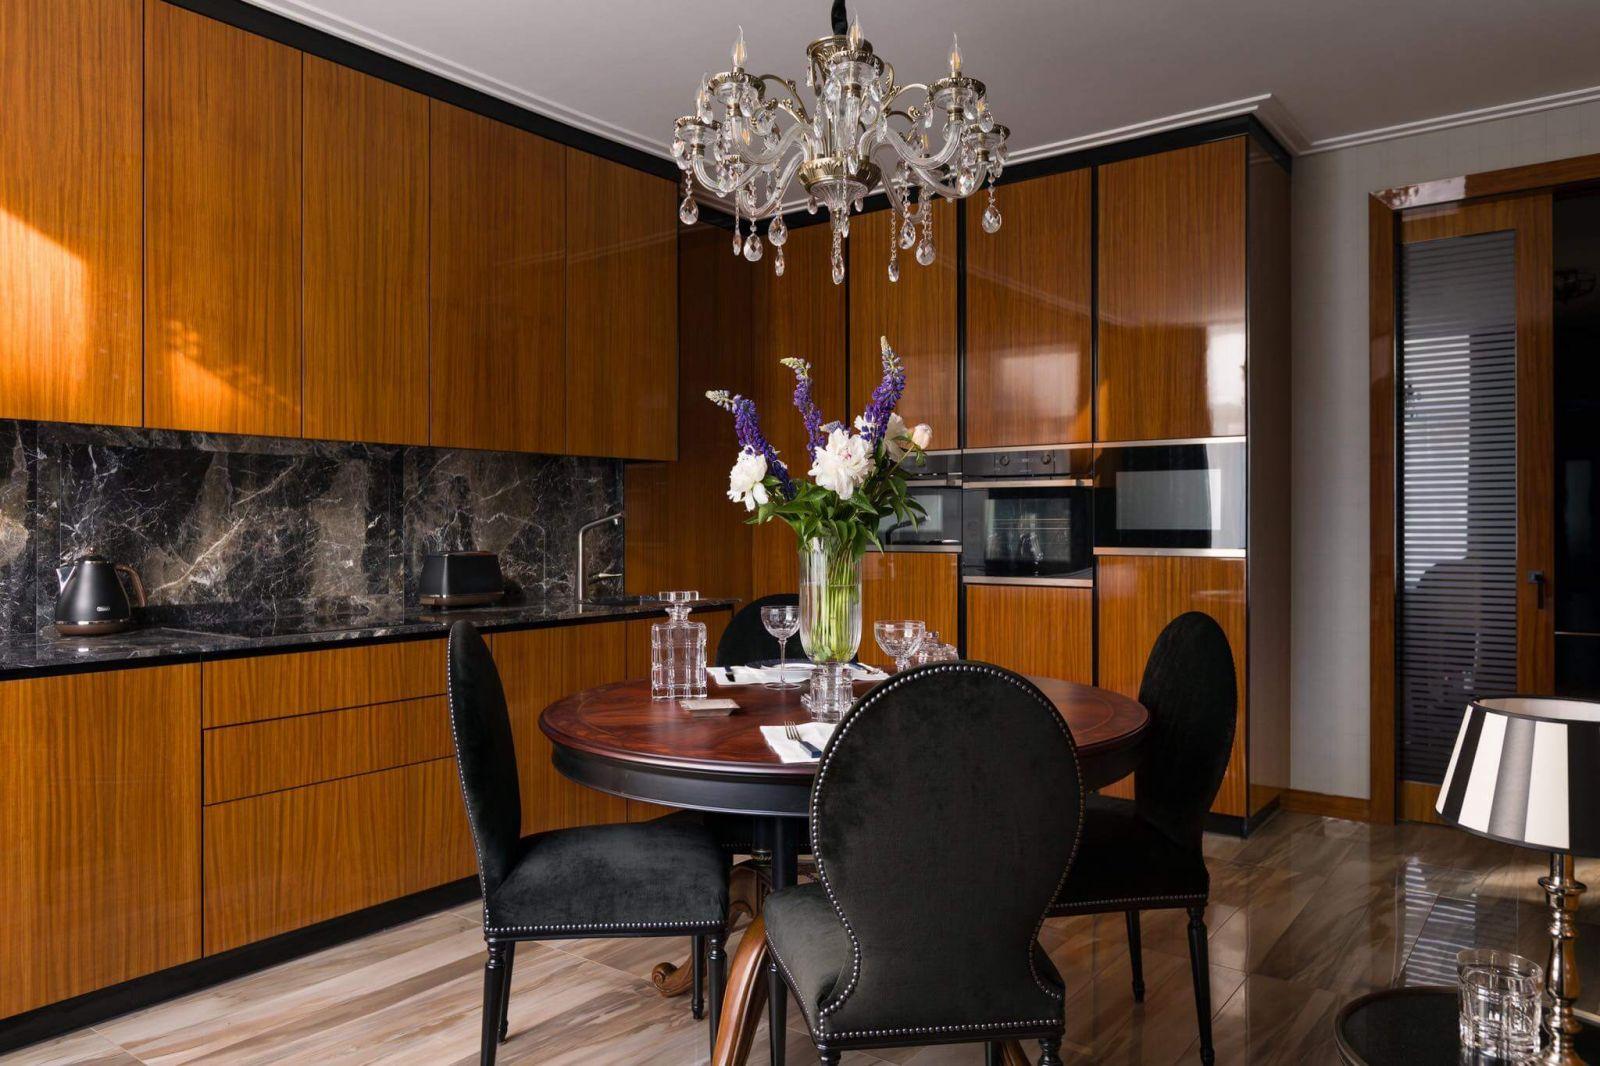 Кухня выглядит подчеркунто сдержанно, ведь вся кухонная техника«прячется» за гладкими деревянными панелями, создавая впечатление чистоты иизящества